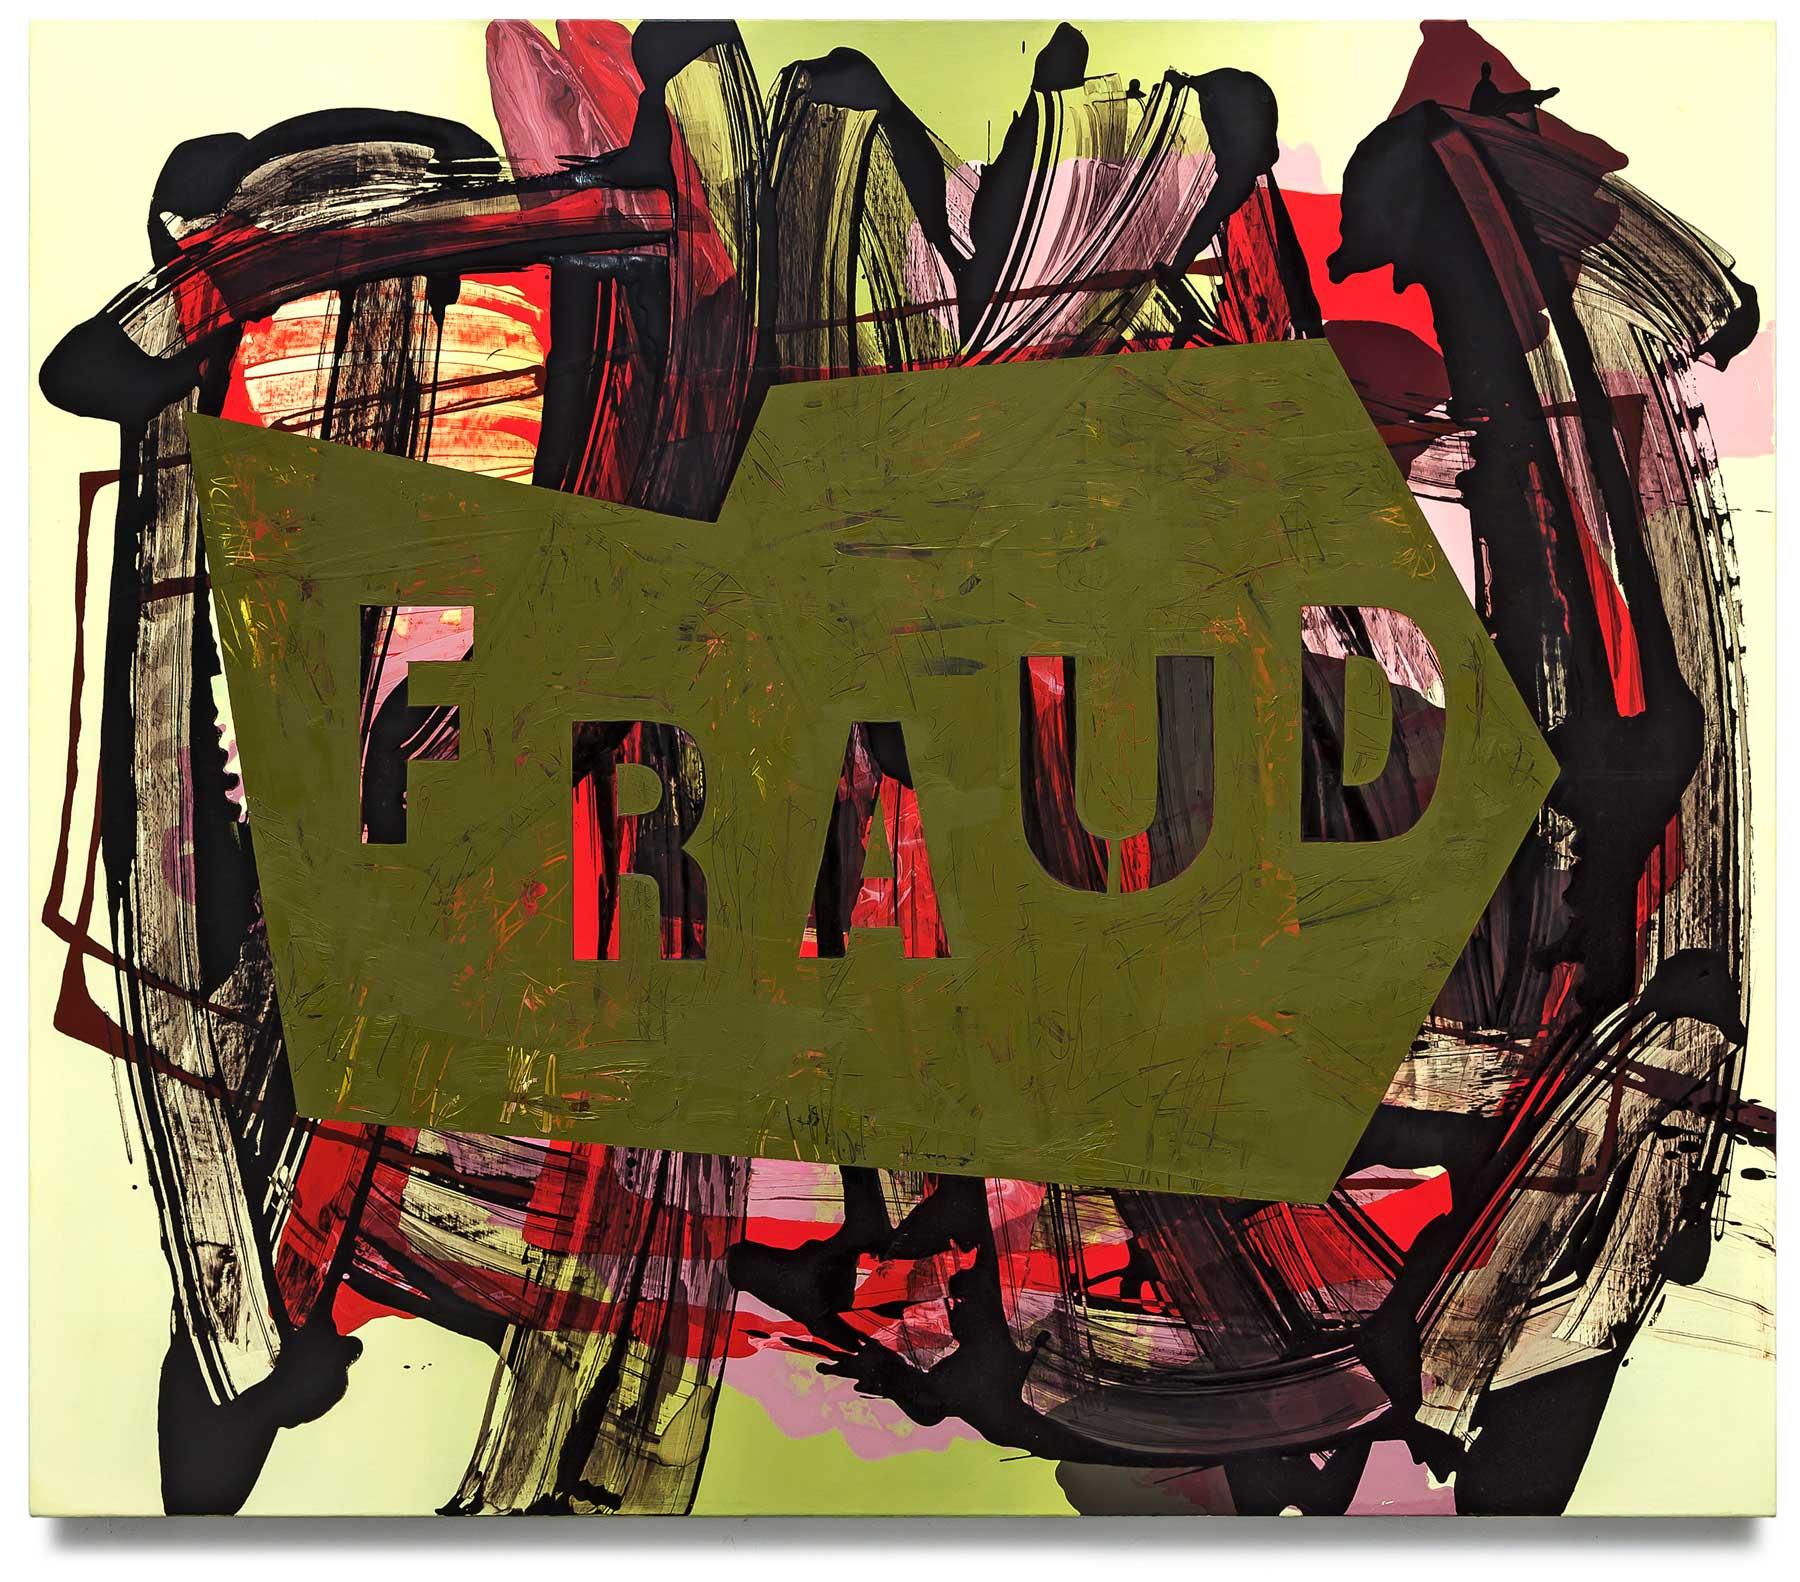 Fraud-oil-on-canvas-127 cm x 147.32 cm.